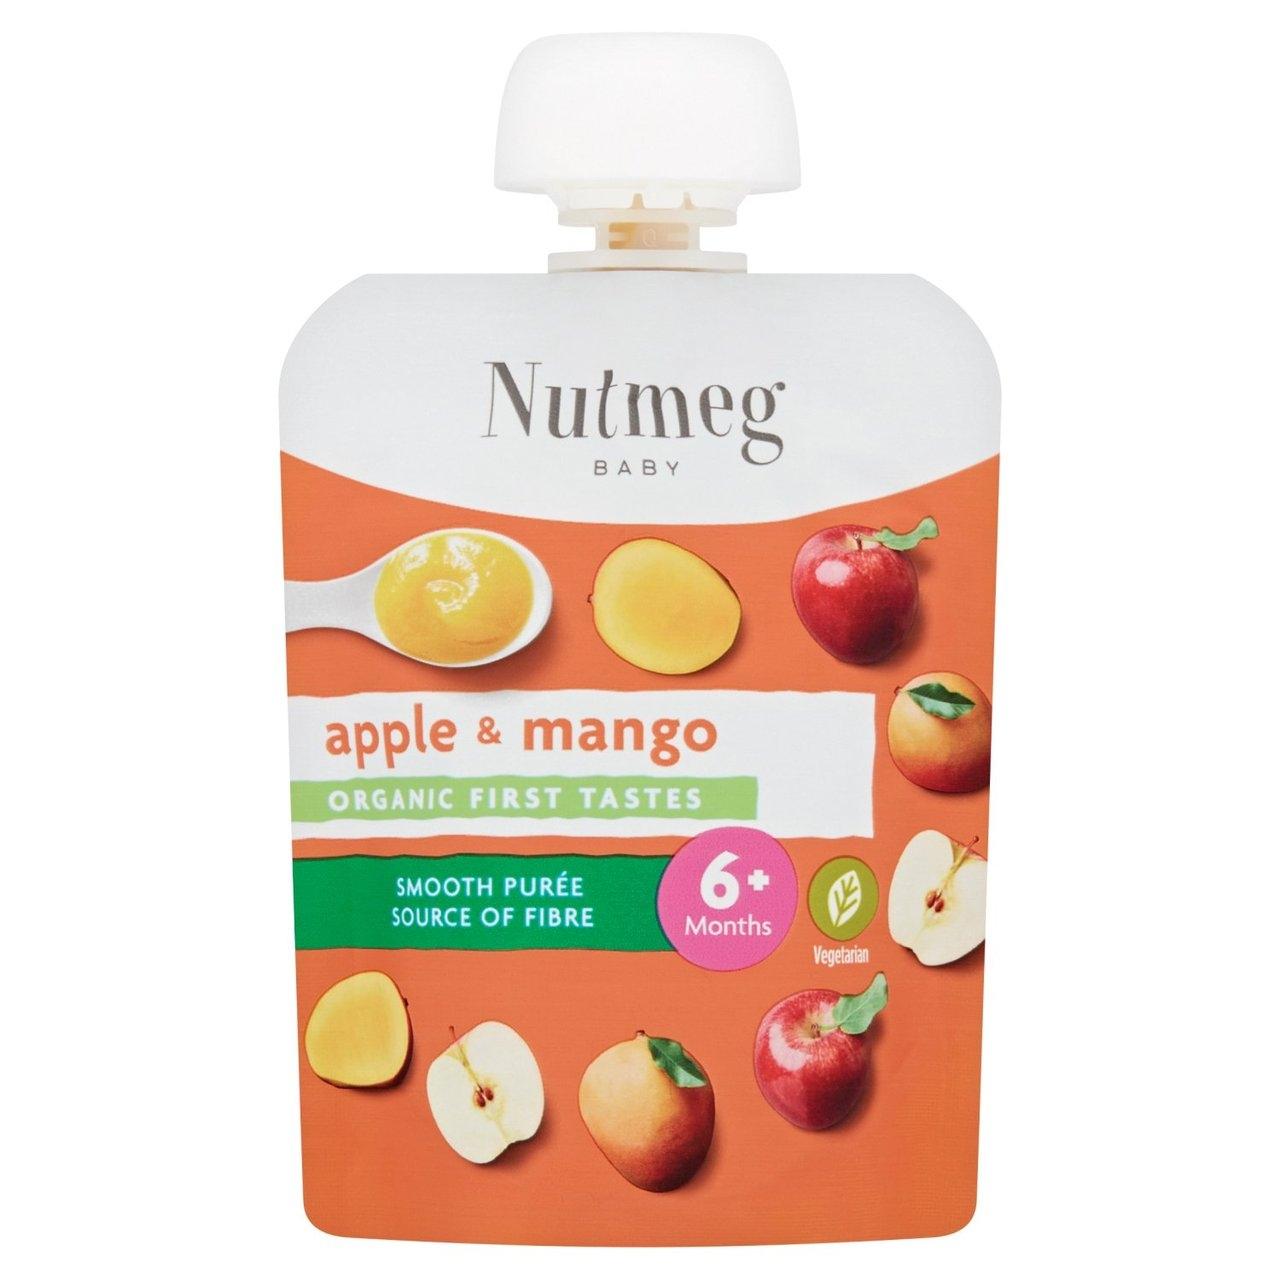 Nutmeg Baby